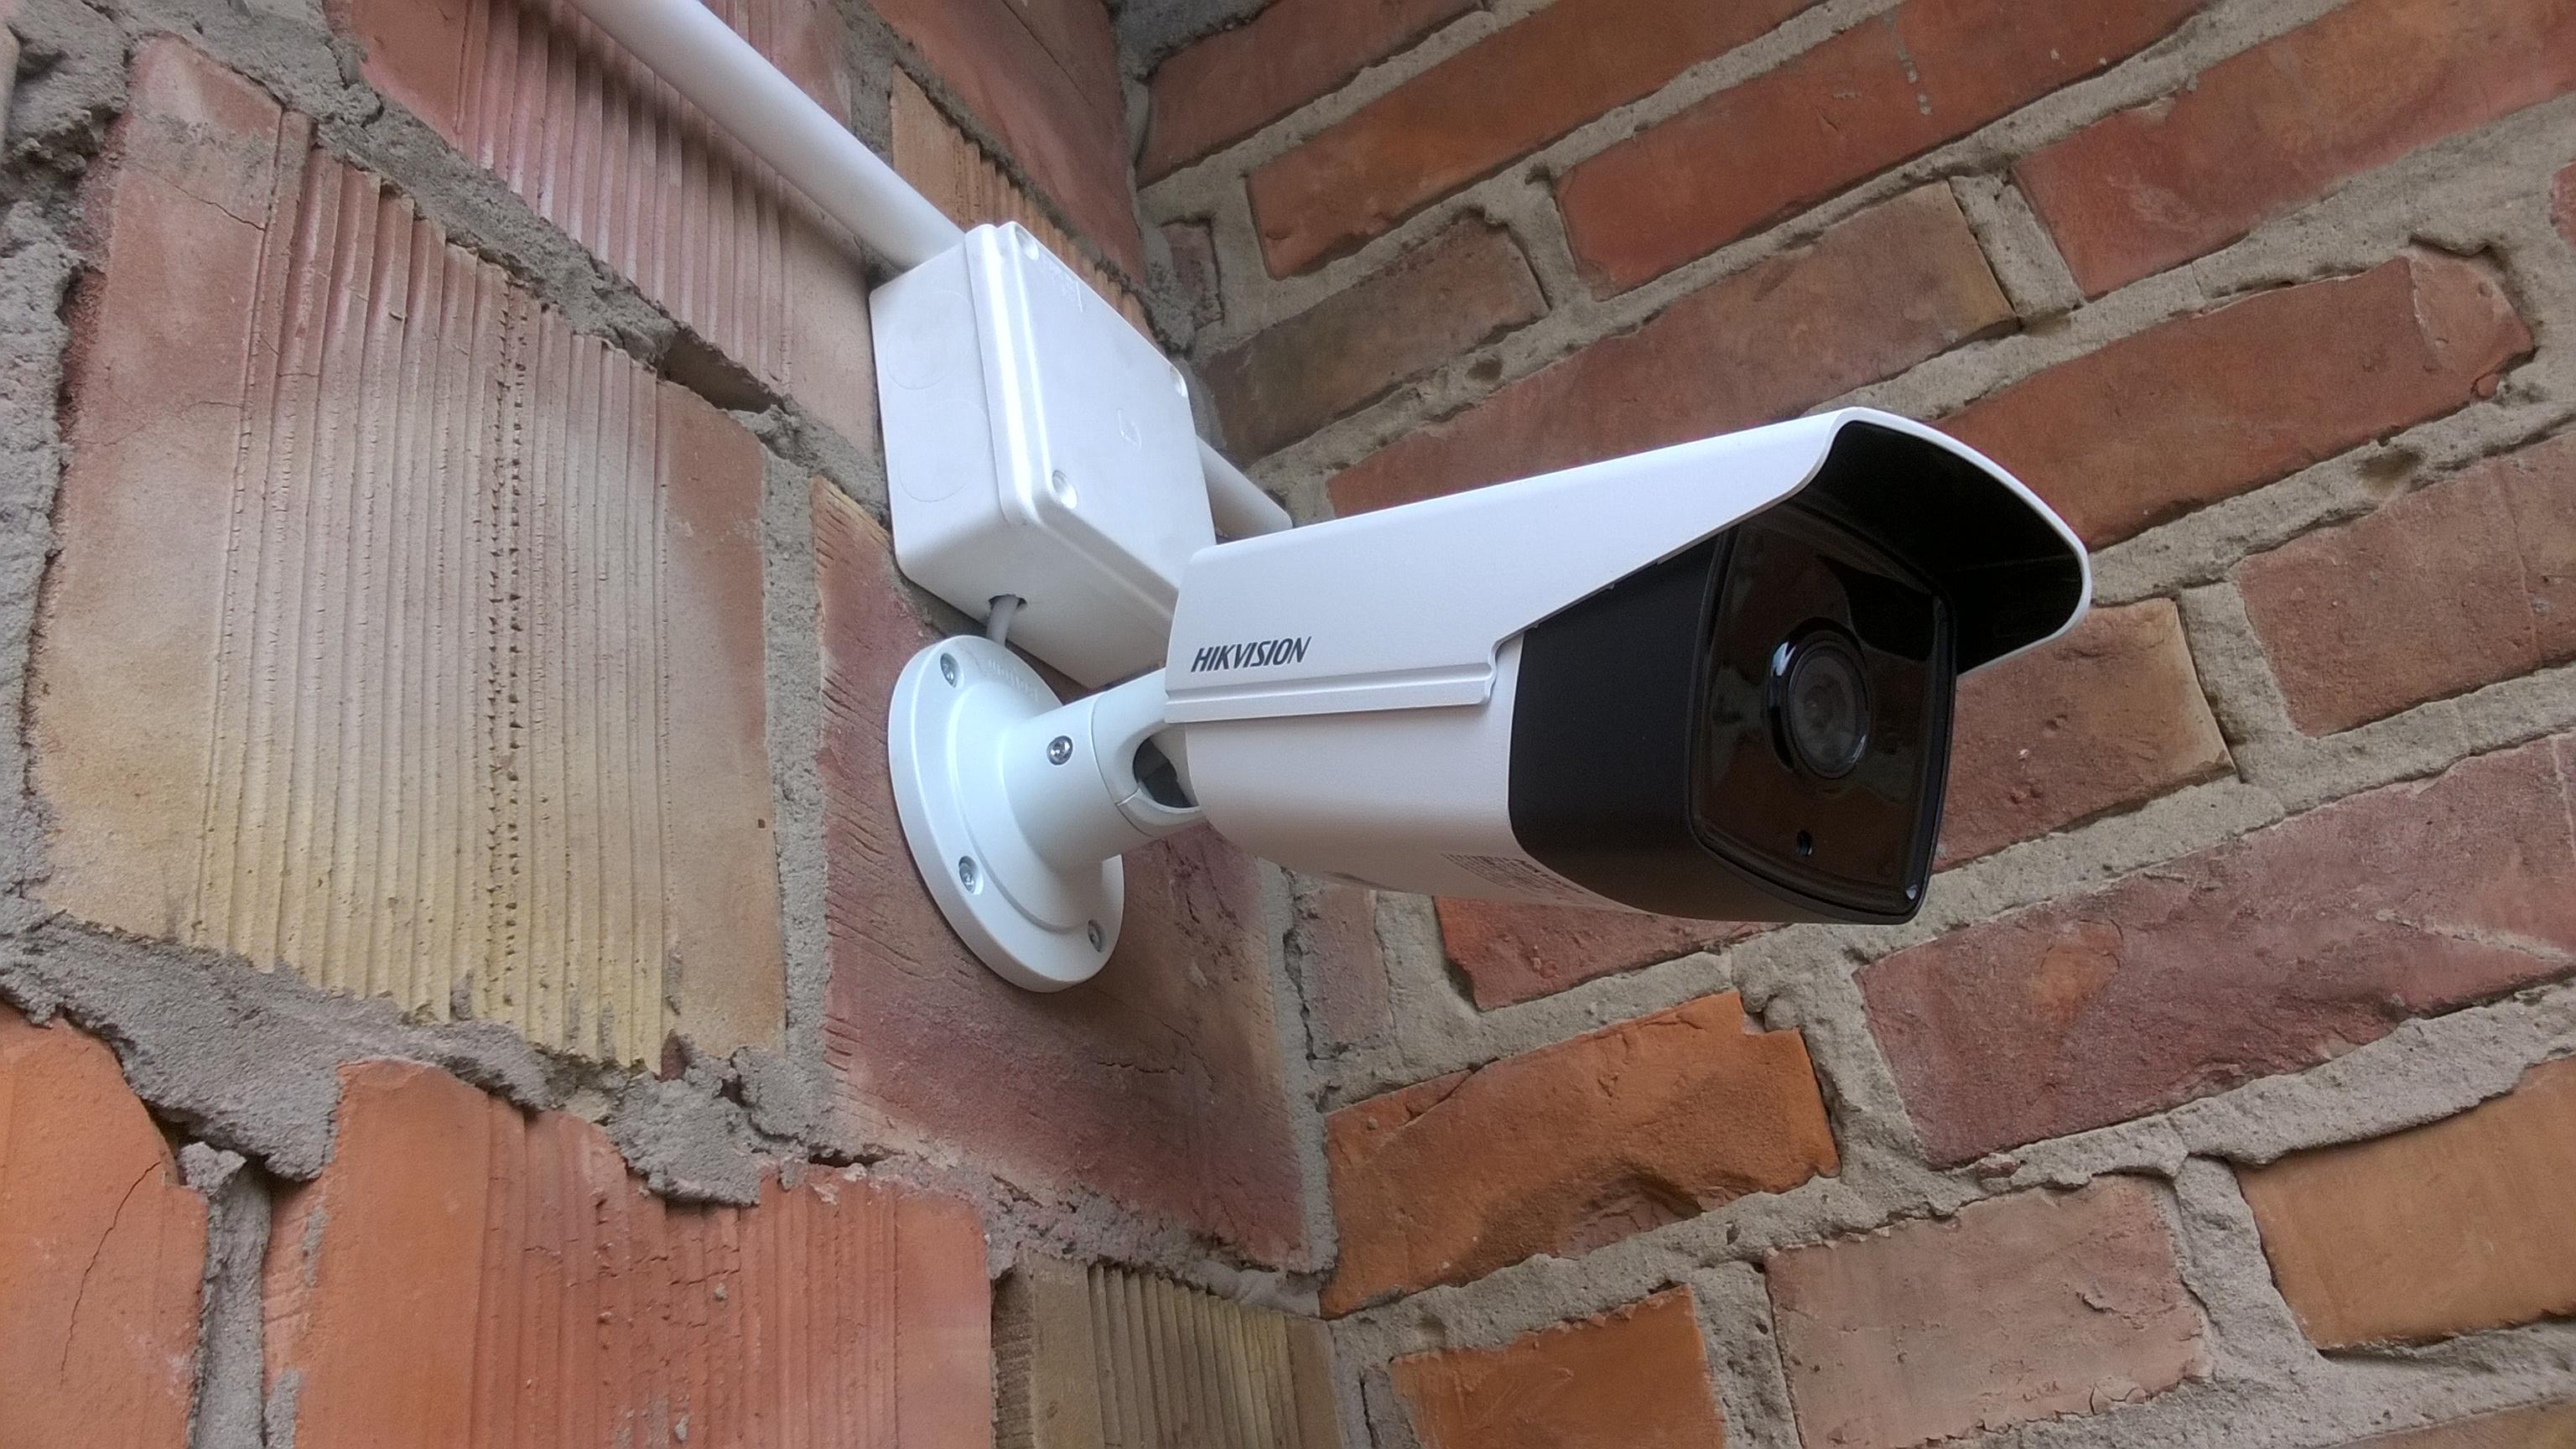 monitoring-bilgoraj-monitoring-zamosc-monitoring-krasnik-monitoring-janow-lubelski-monitoring-gospodarstwa-rolnego-monitoring-chelm-monitoring-lezajsk-5-infomech-monitoring-wizyjny-systemy-zabezpiec